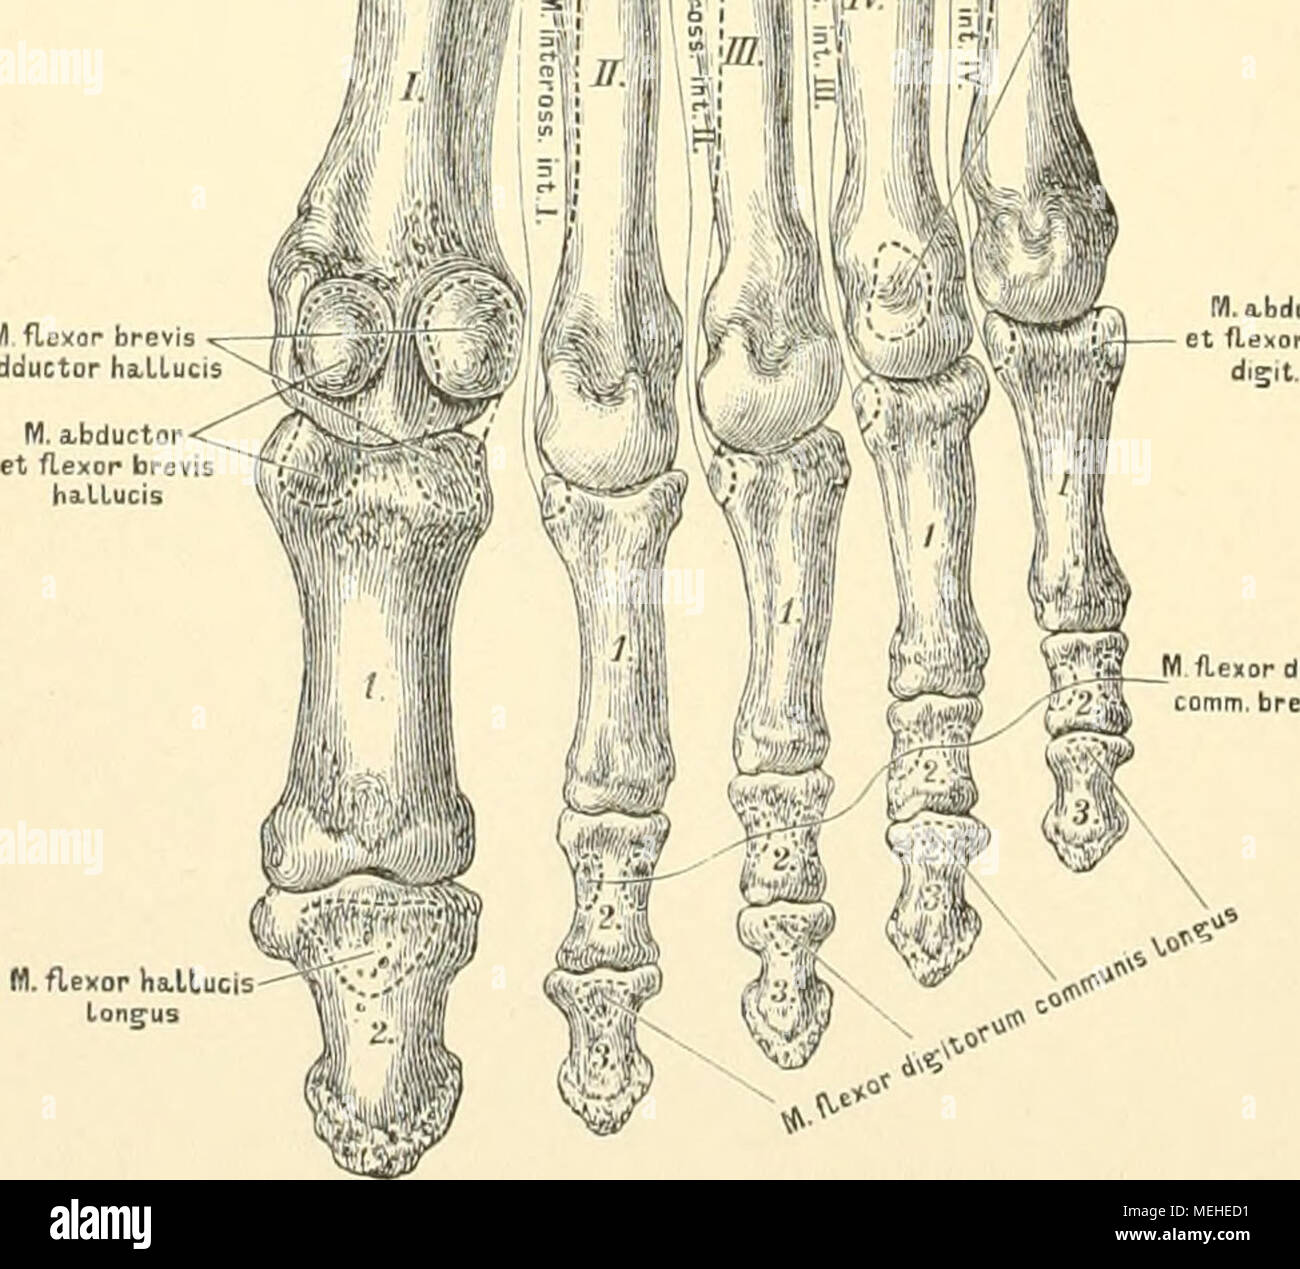 Tolle Plantar Anatomie Des Fußes Bilder - Menschliche Anatomie ...